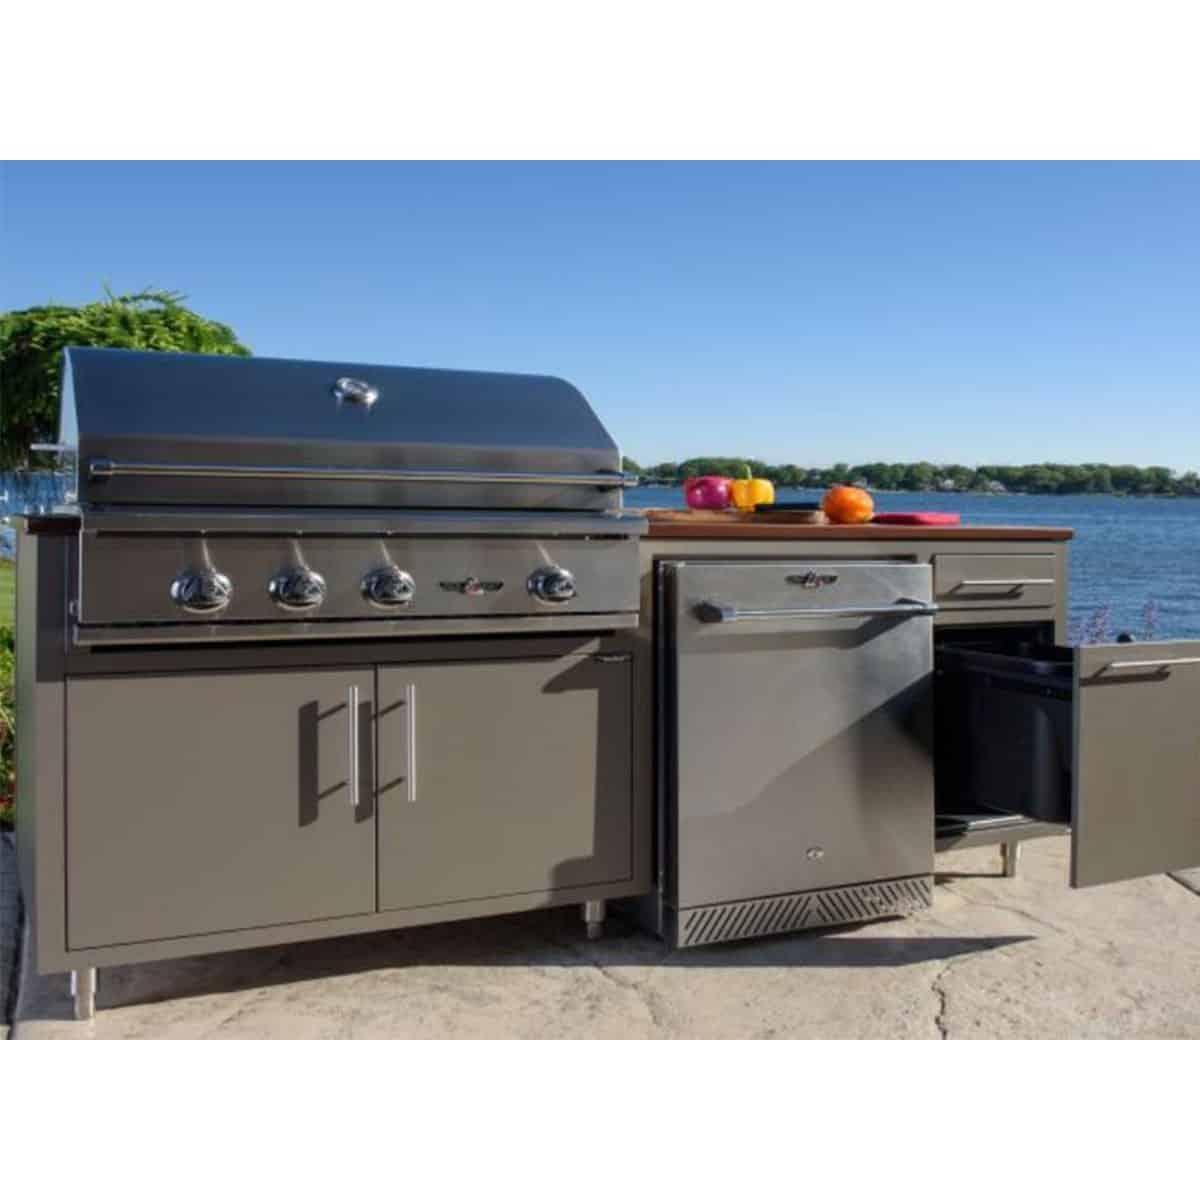 Challenger Designs 73 5 Coastal Built In Grill Outdoor Kitchen Island